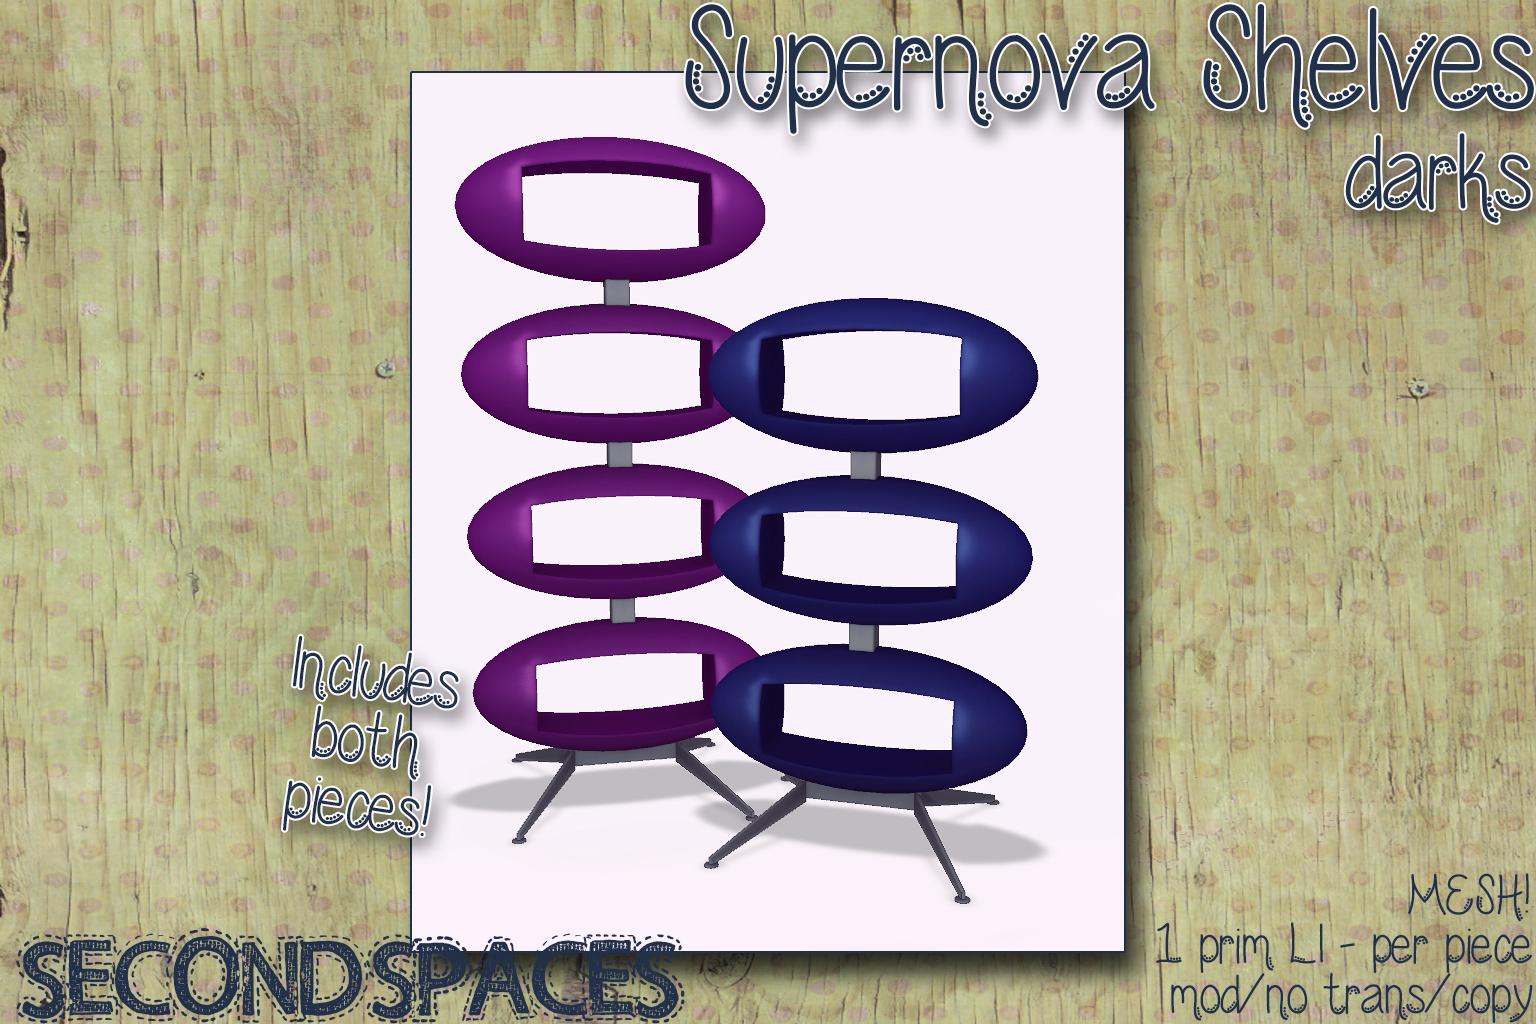 supernova shelves_darks_vendor.jpg